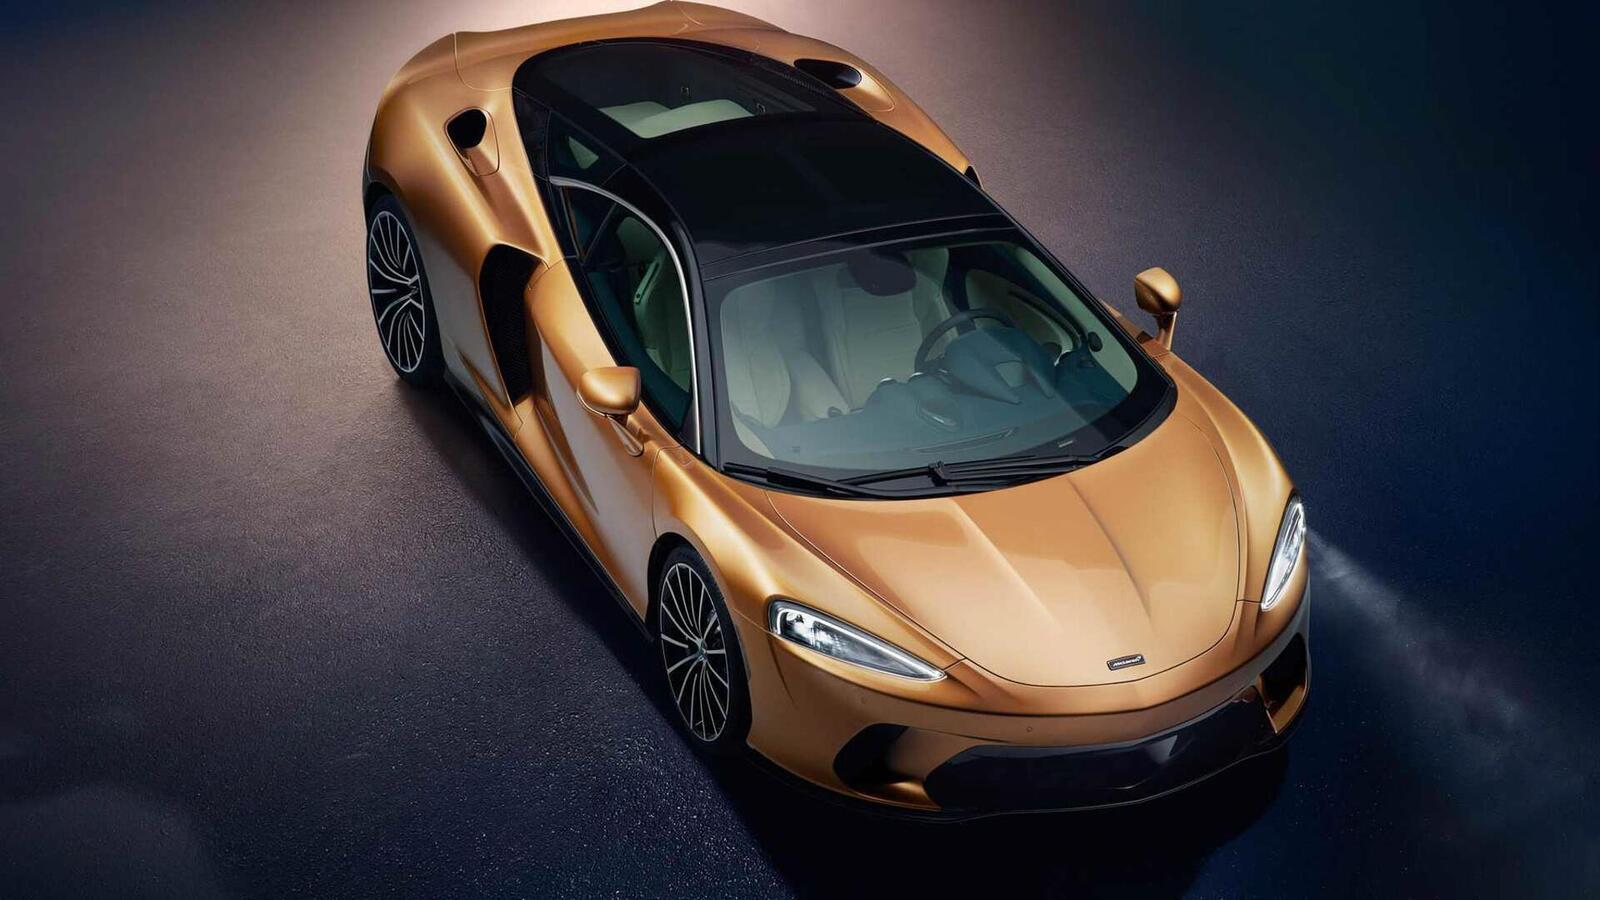 McLaren giới thiệu siêu xe GT 2020 hoàn toàn mới: Động cơ mạnh mẽ và cabin thoải mái - Hình 17